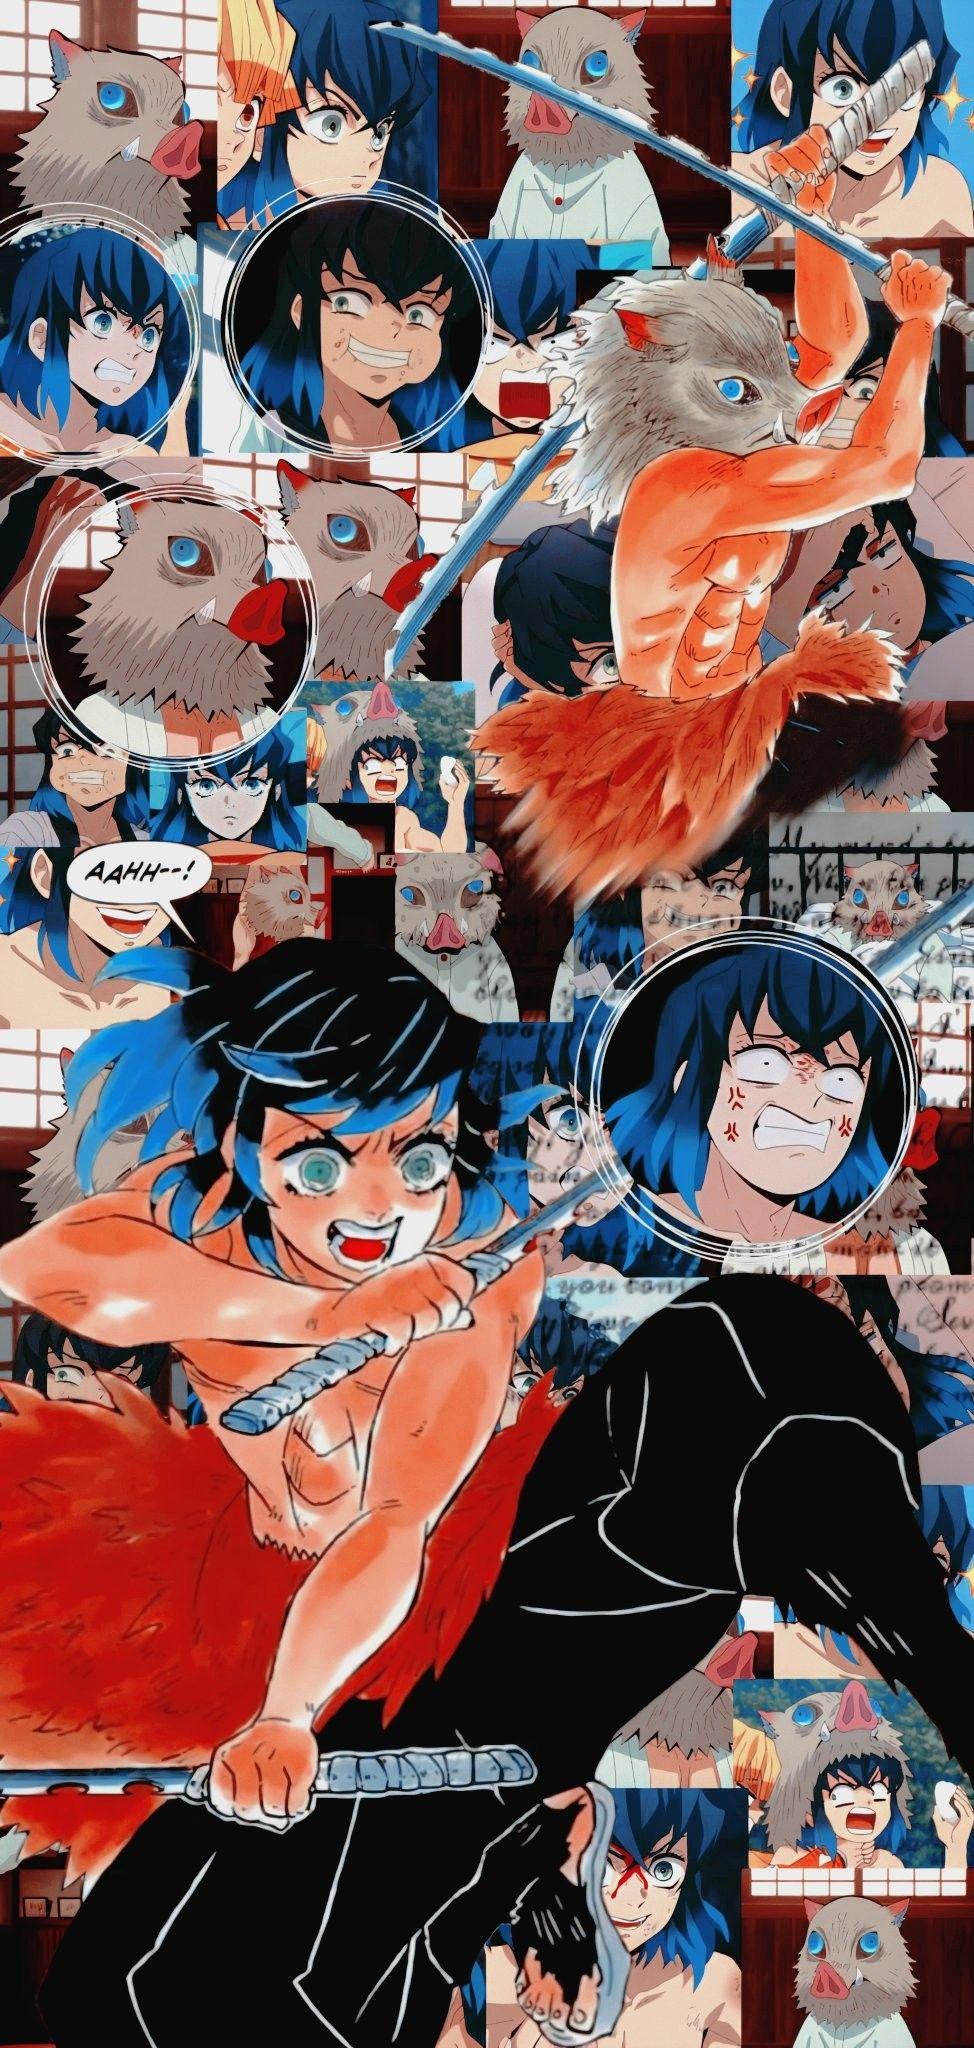 Aesthetic anime by bt29806 on anime in 2020   Anime, Anime ...